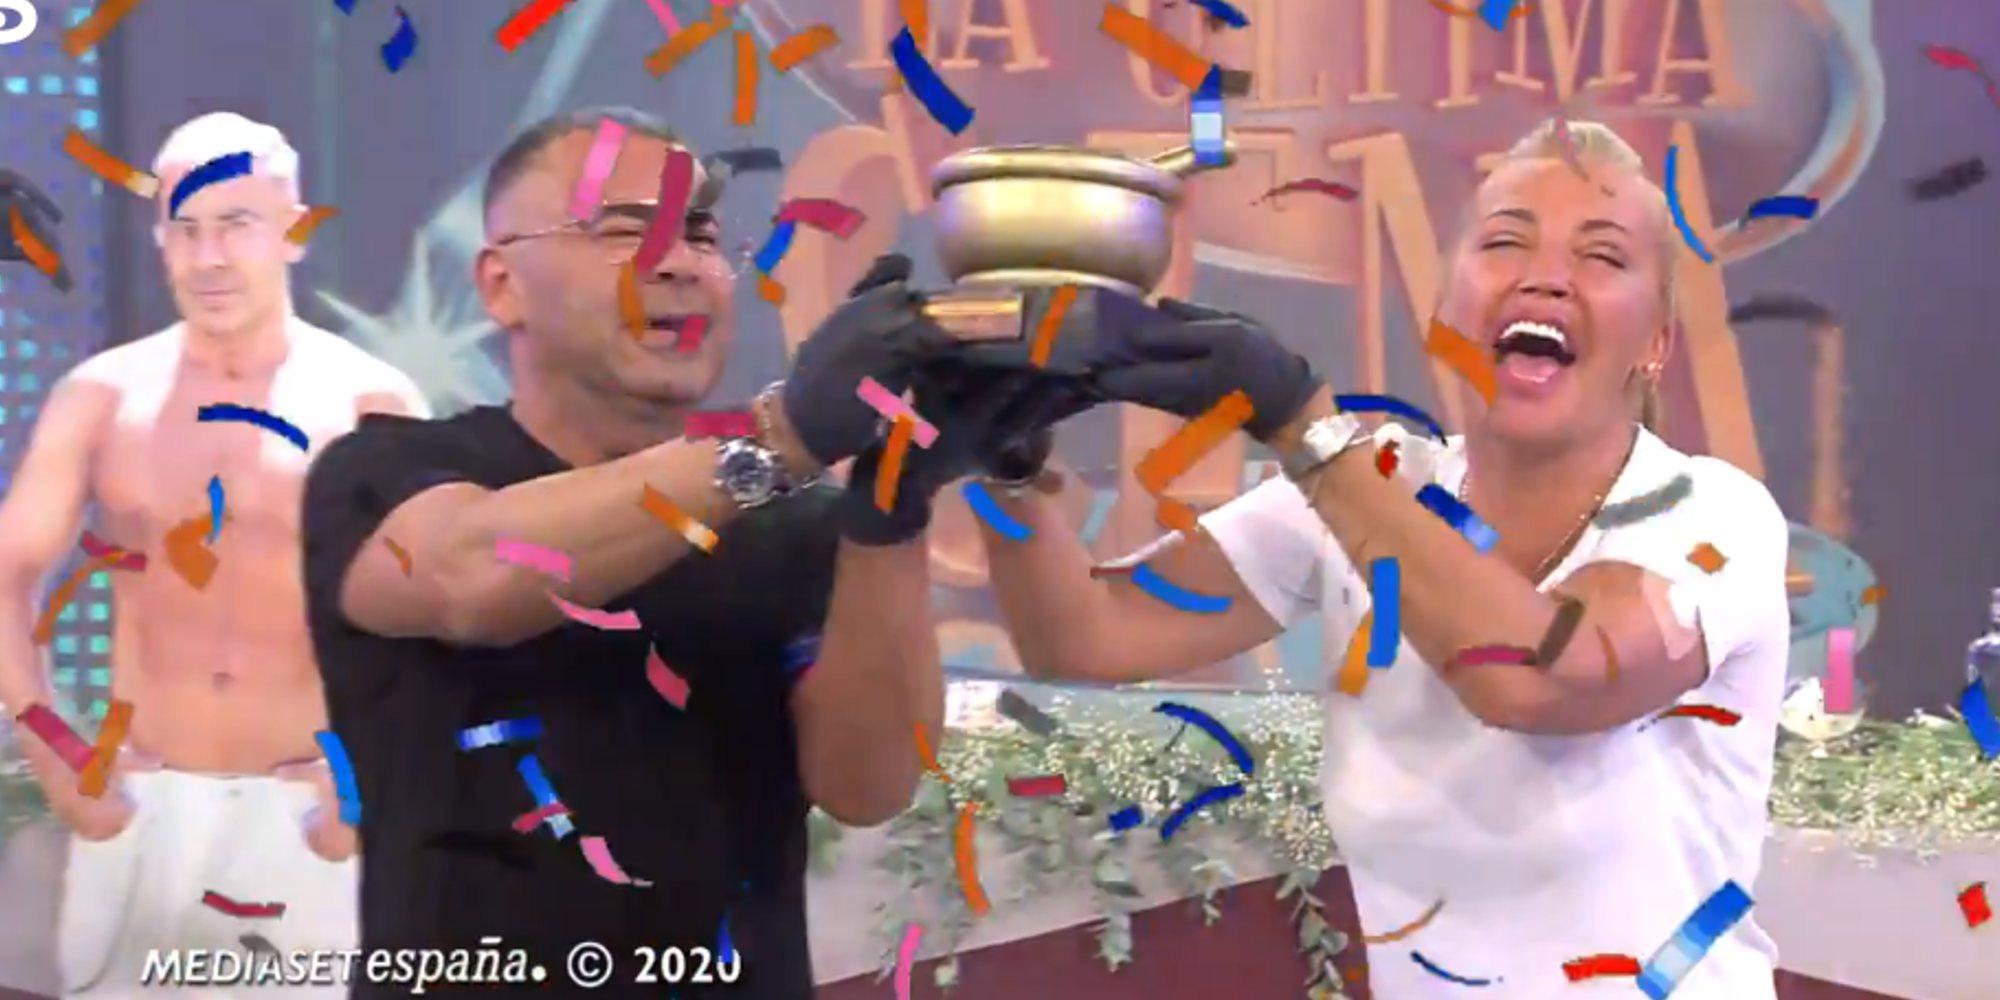 Belén Esteban y Jorge Javier Vázquez ganan 'La última cena' frente a Terelu Campos y Víctor Sandoval